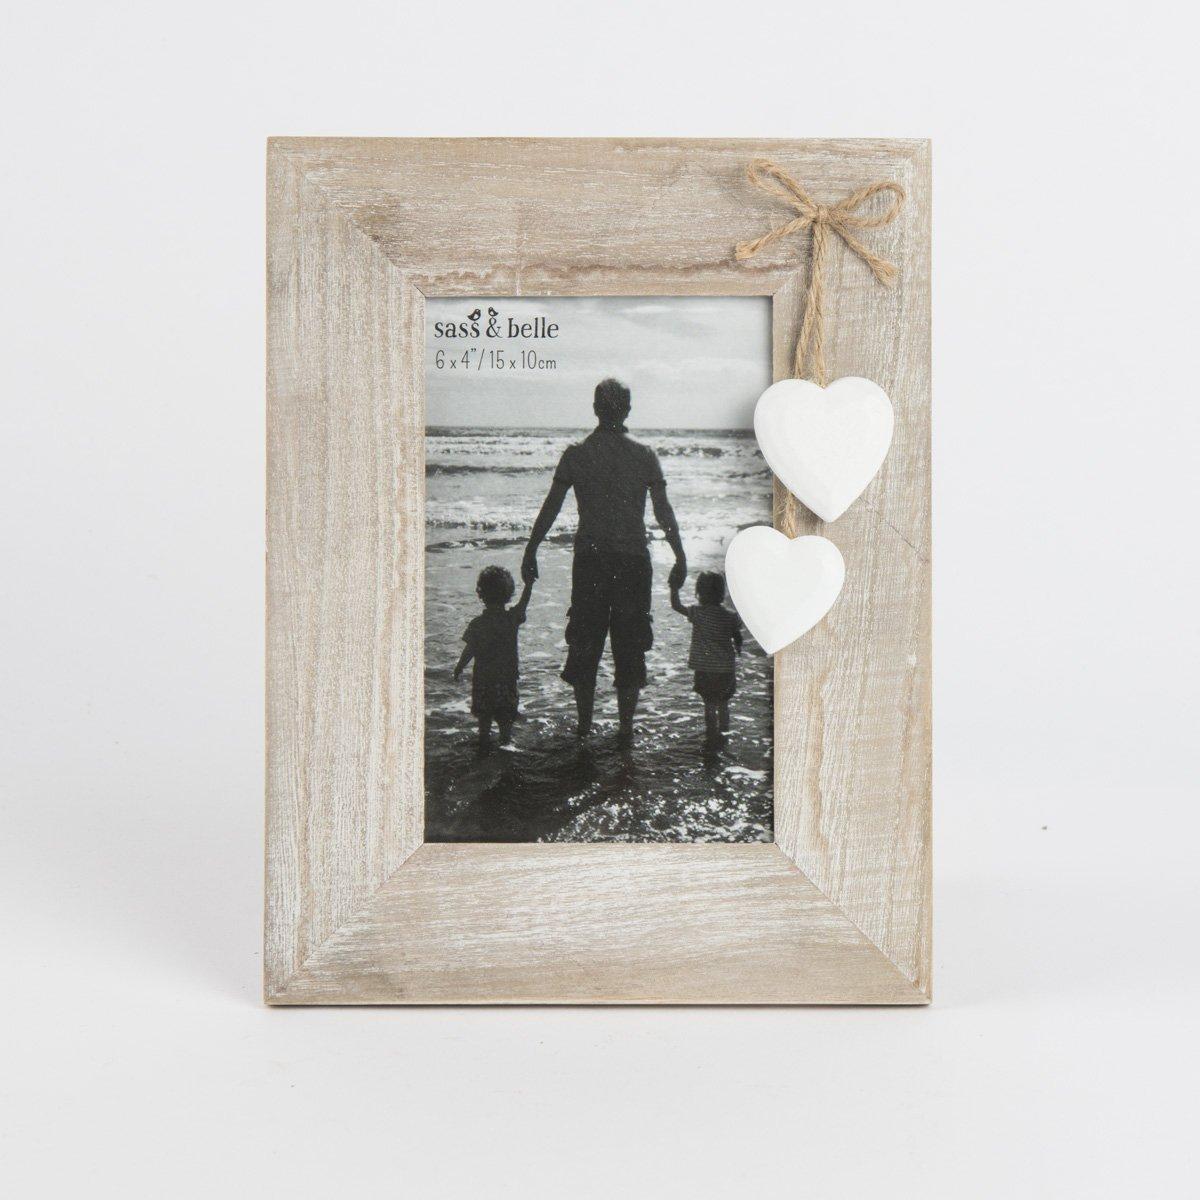 /Shabby chic Bois naturel avec c/œurs blancs Cadre photo au format portrait sur pied